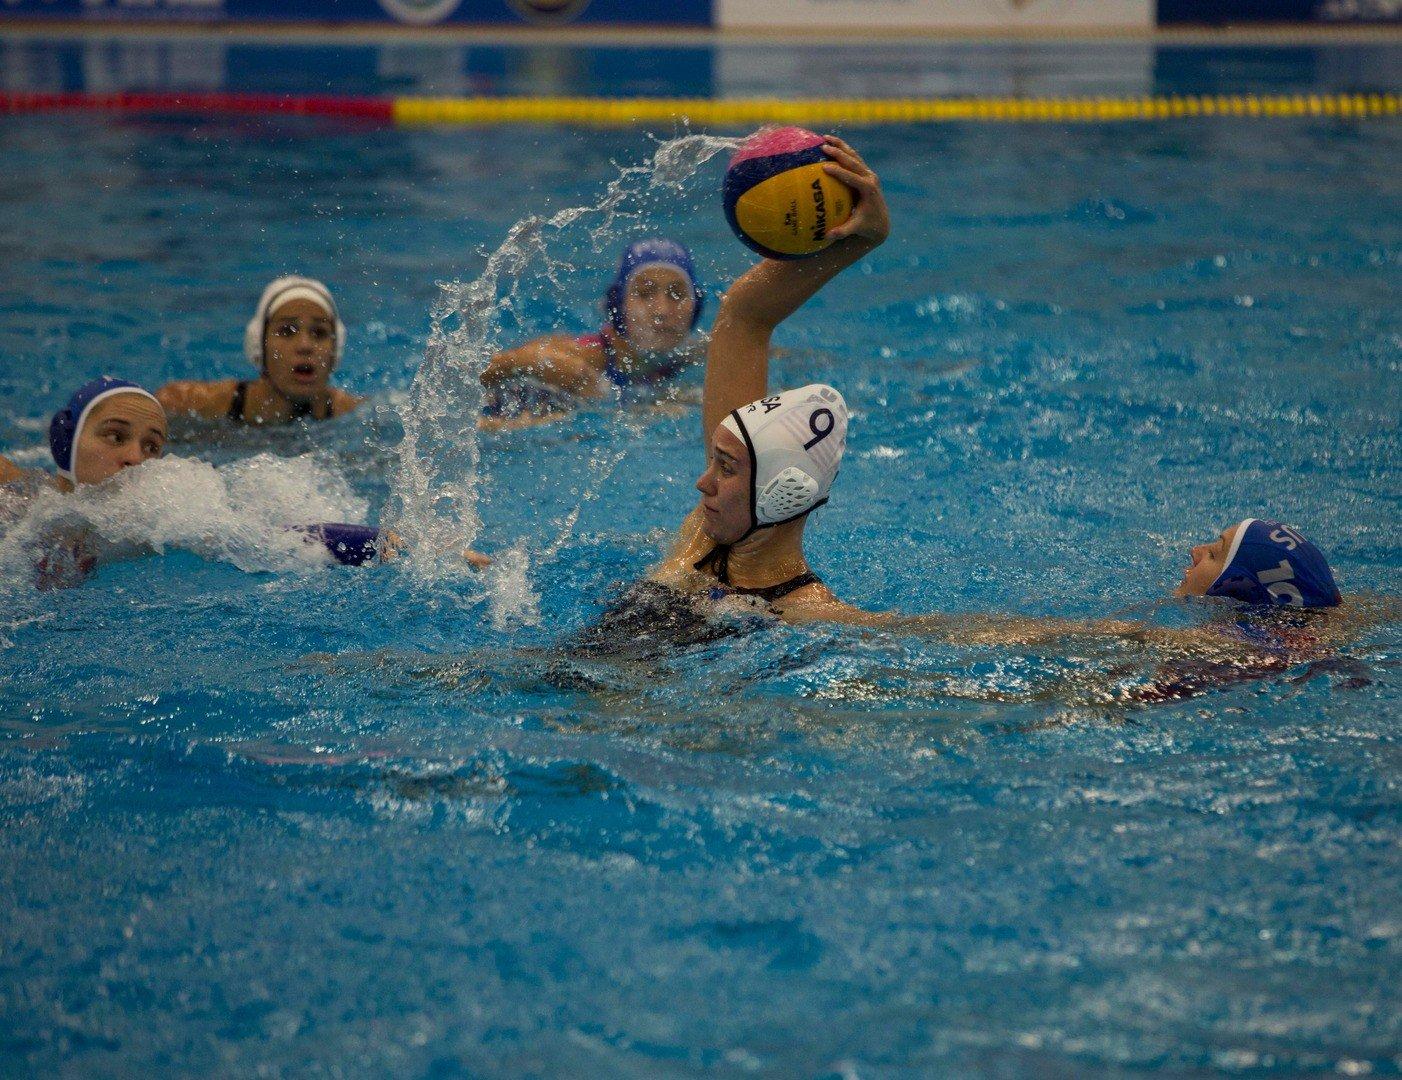 данный фотографии с соревнований по женскому водному поло что